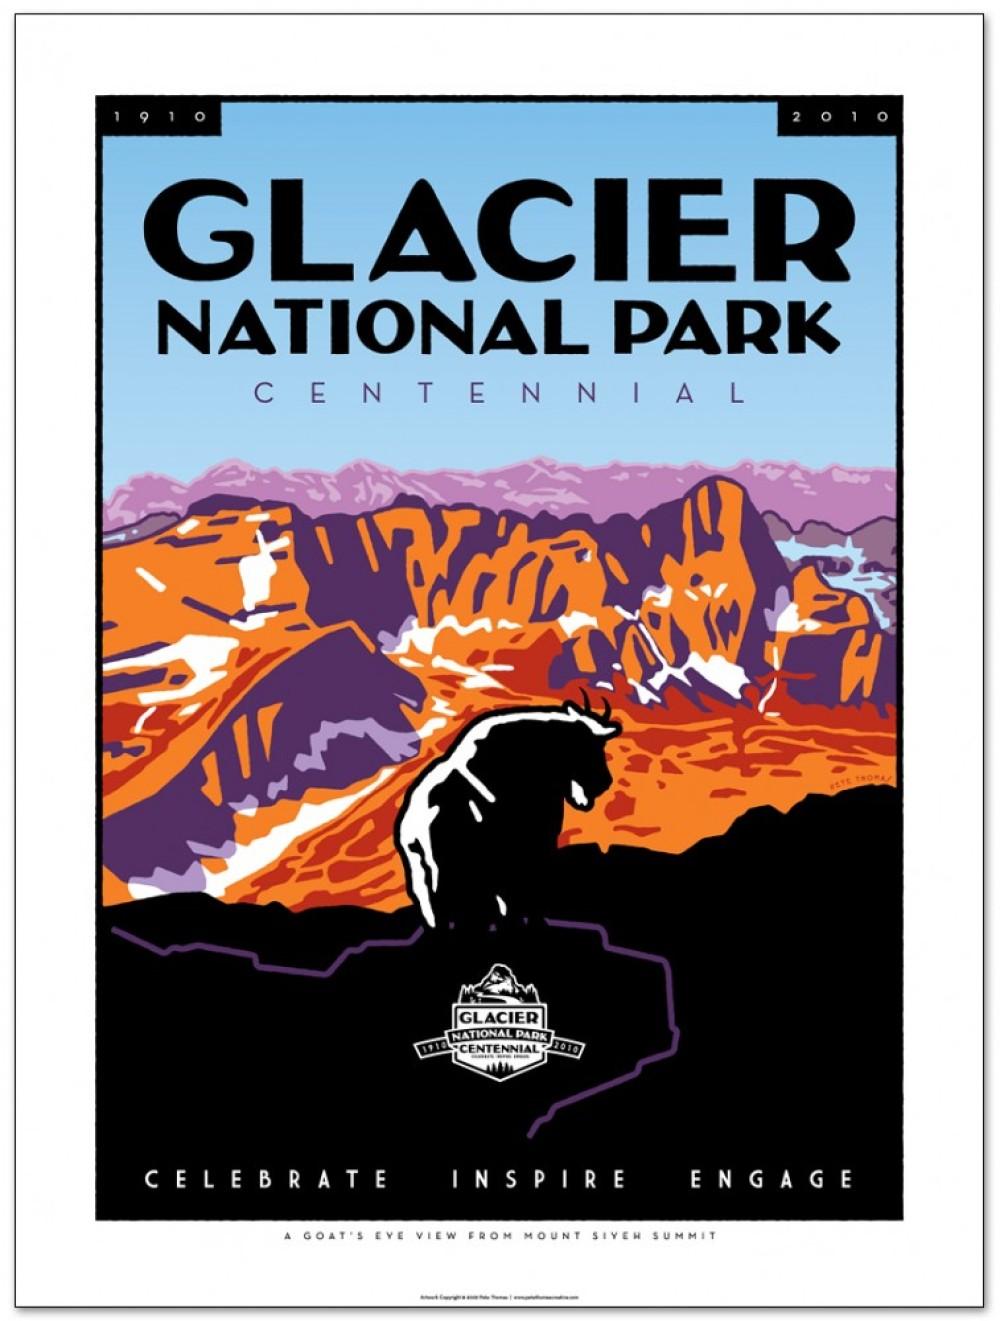 Pete Thomas Glacier Centennial poster – Pete Thomas